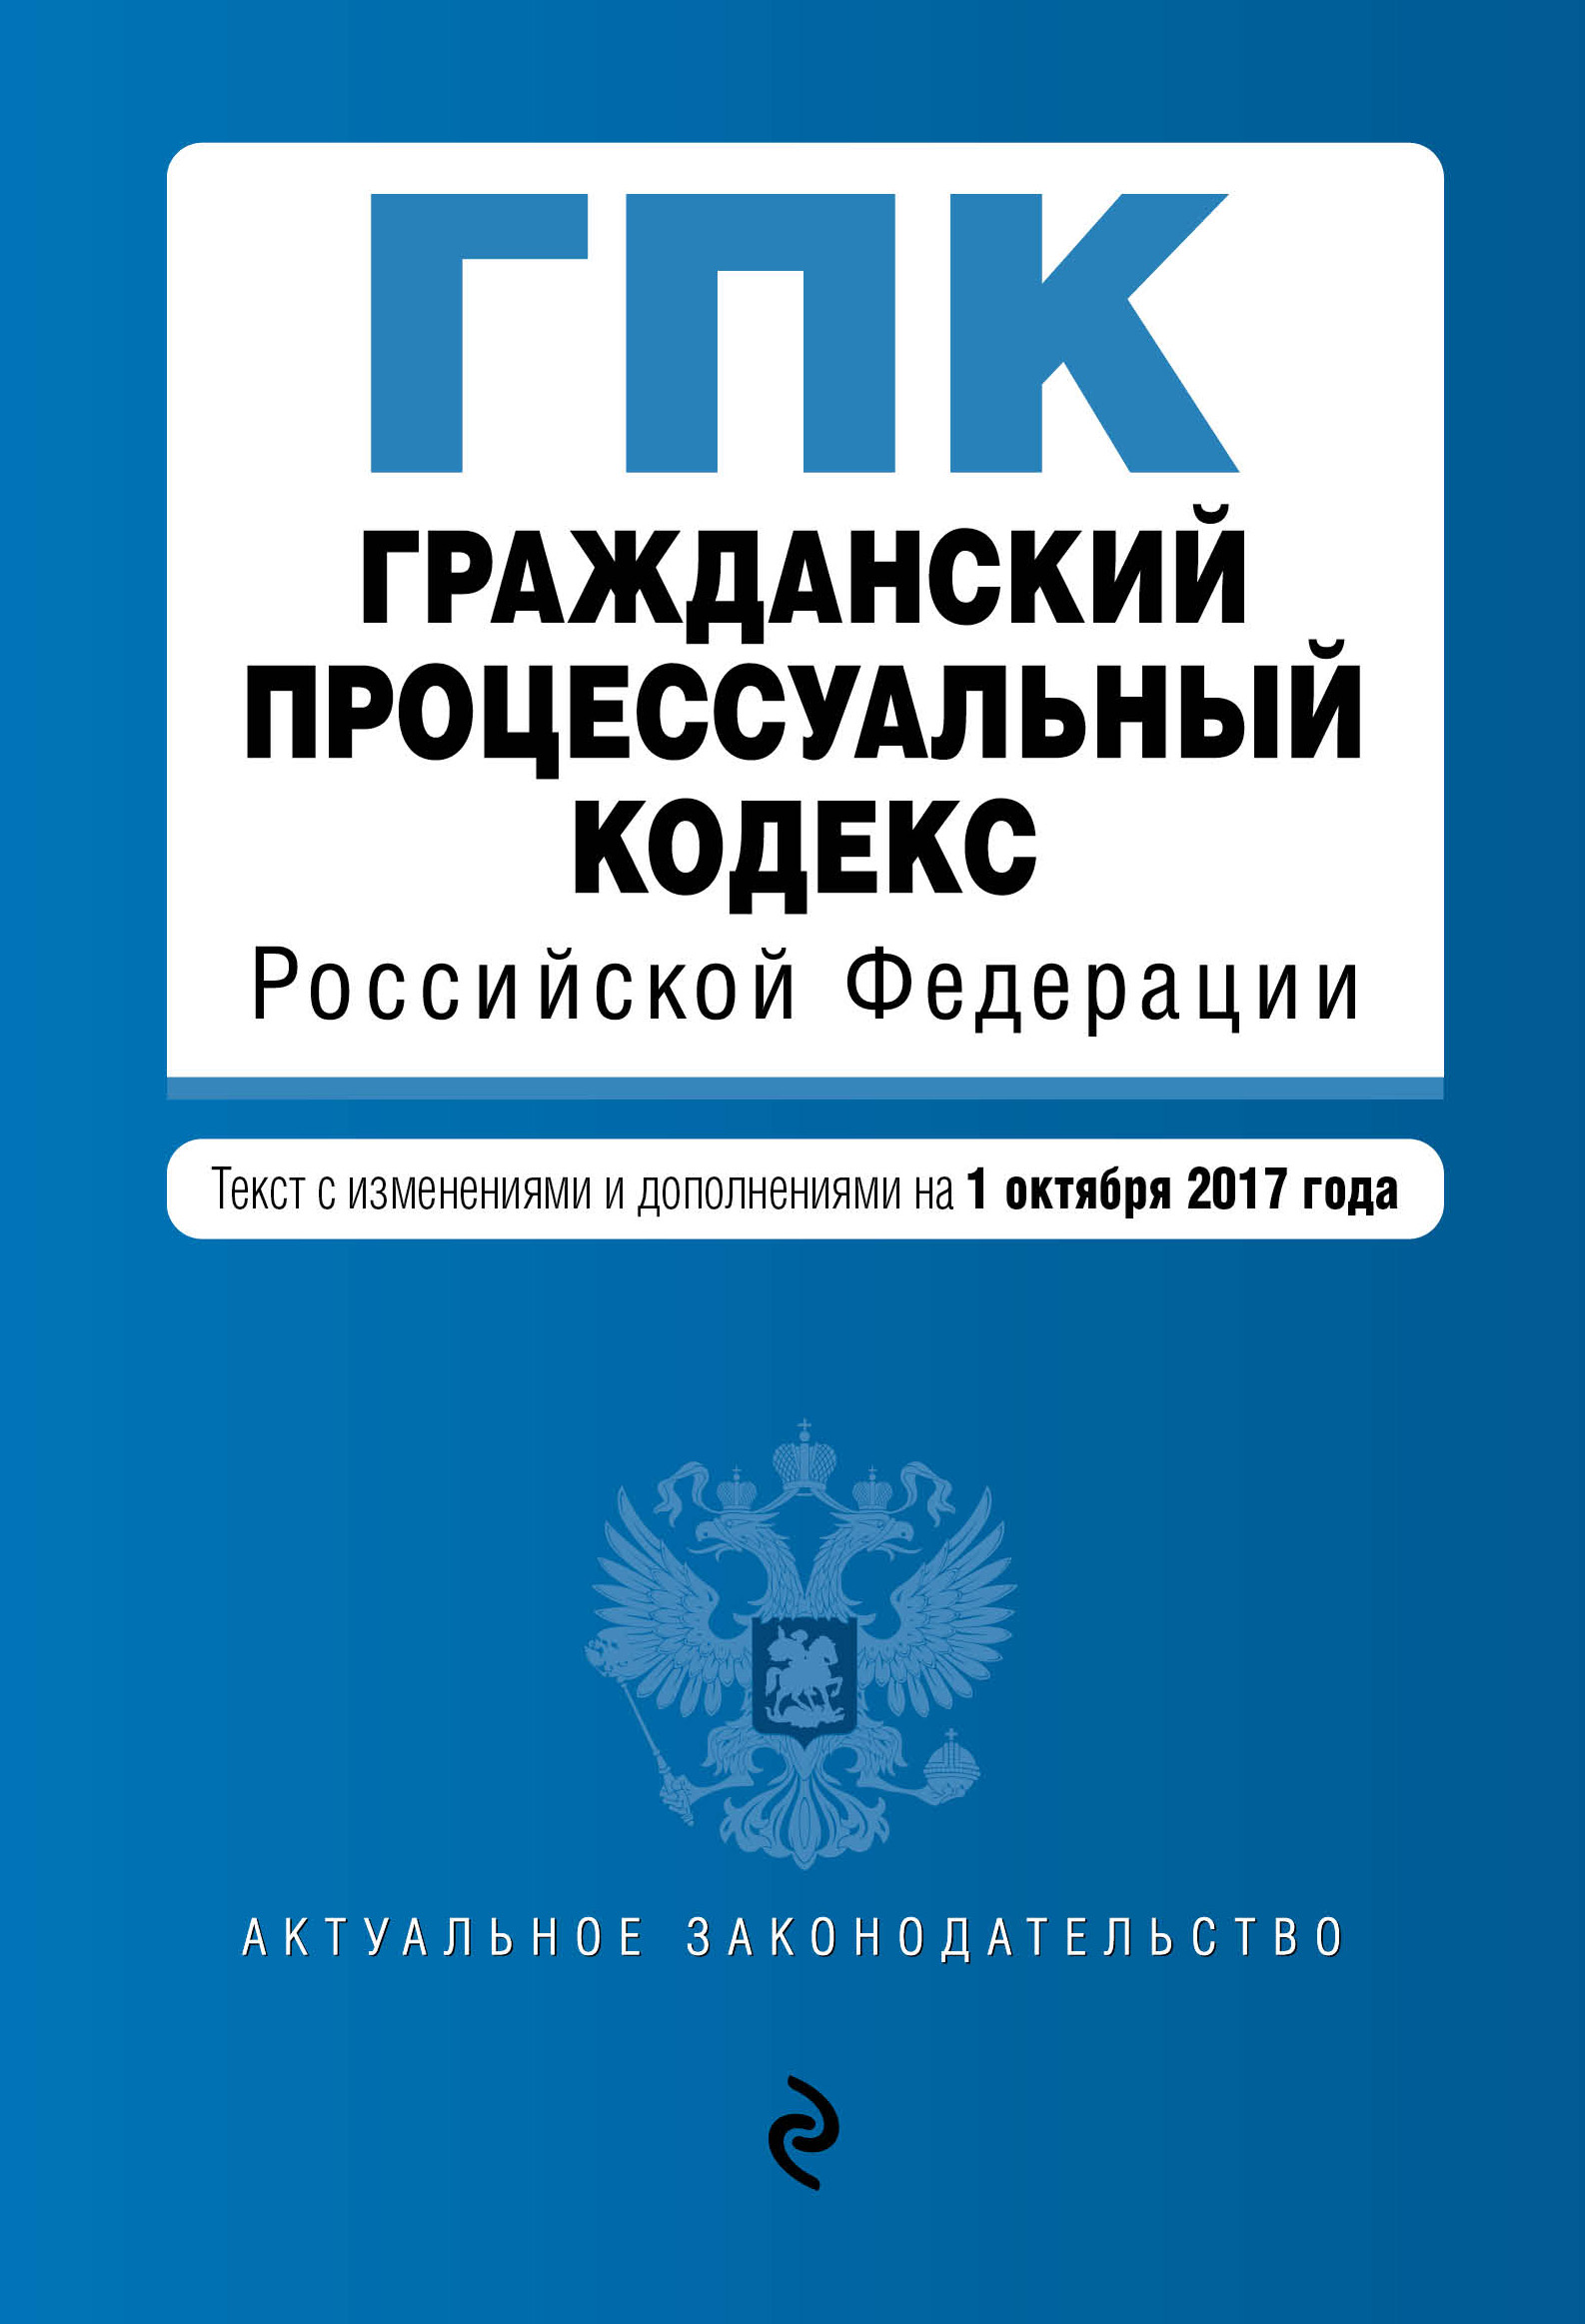 Гражданский процессуальный кодекс Российской Федерации : текст с изм. и доп. на 1 октября 2017 г.